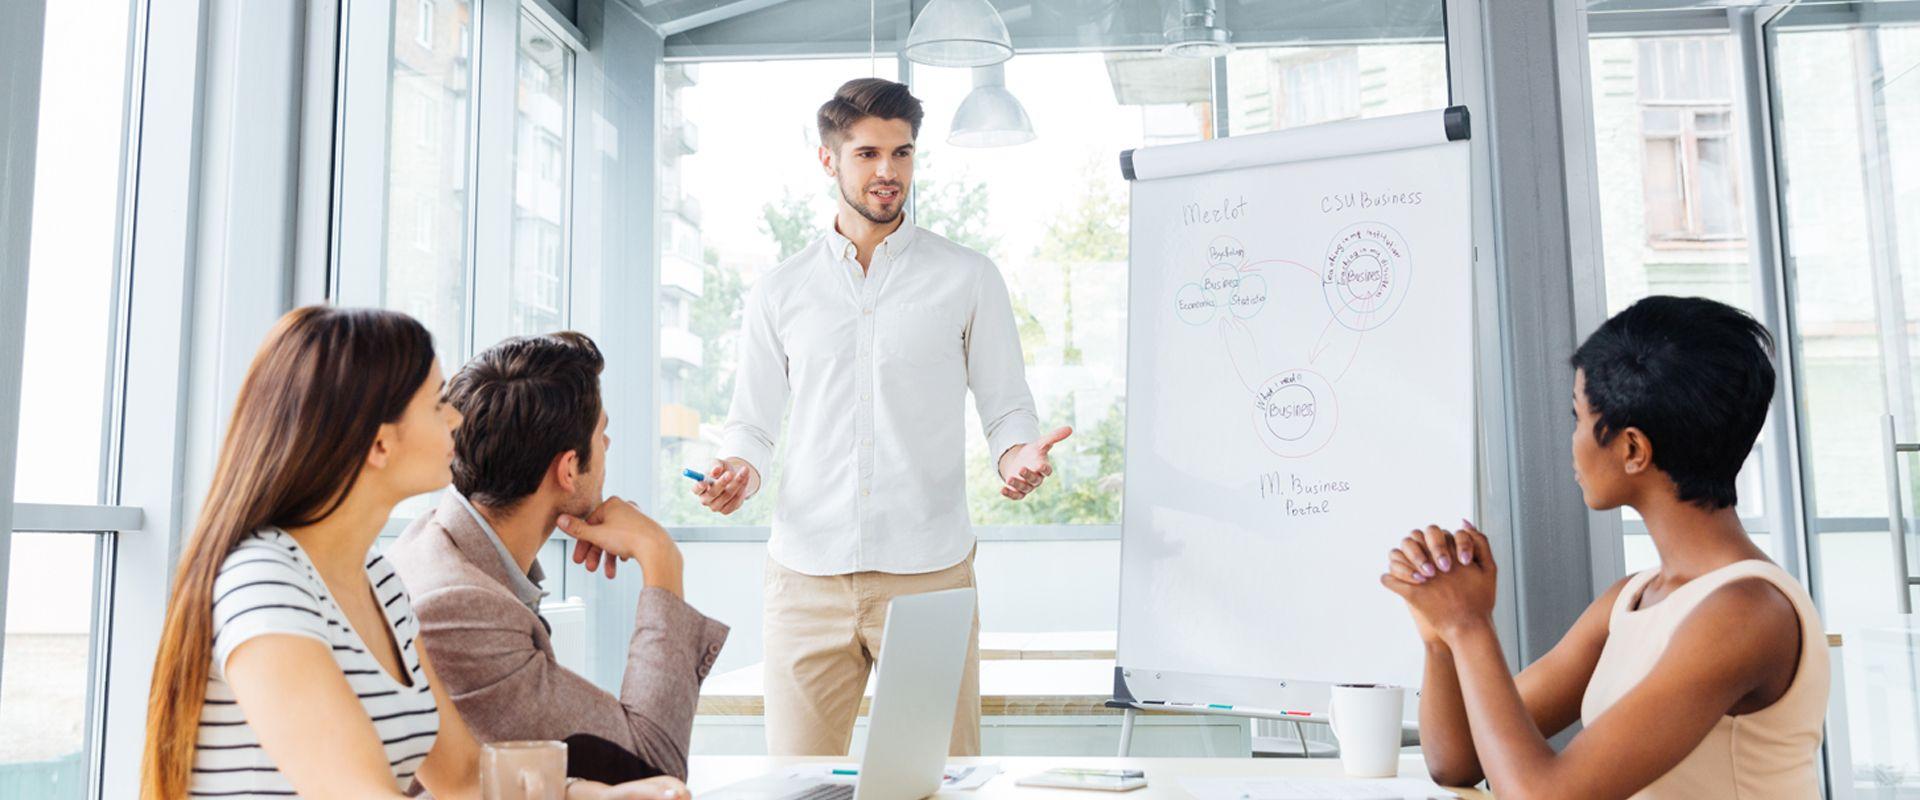 <h1>Découvrez comment développer et animer des ateliers de formation percutants.</h1><span></span>